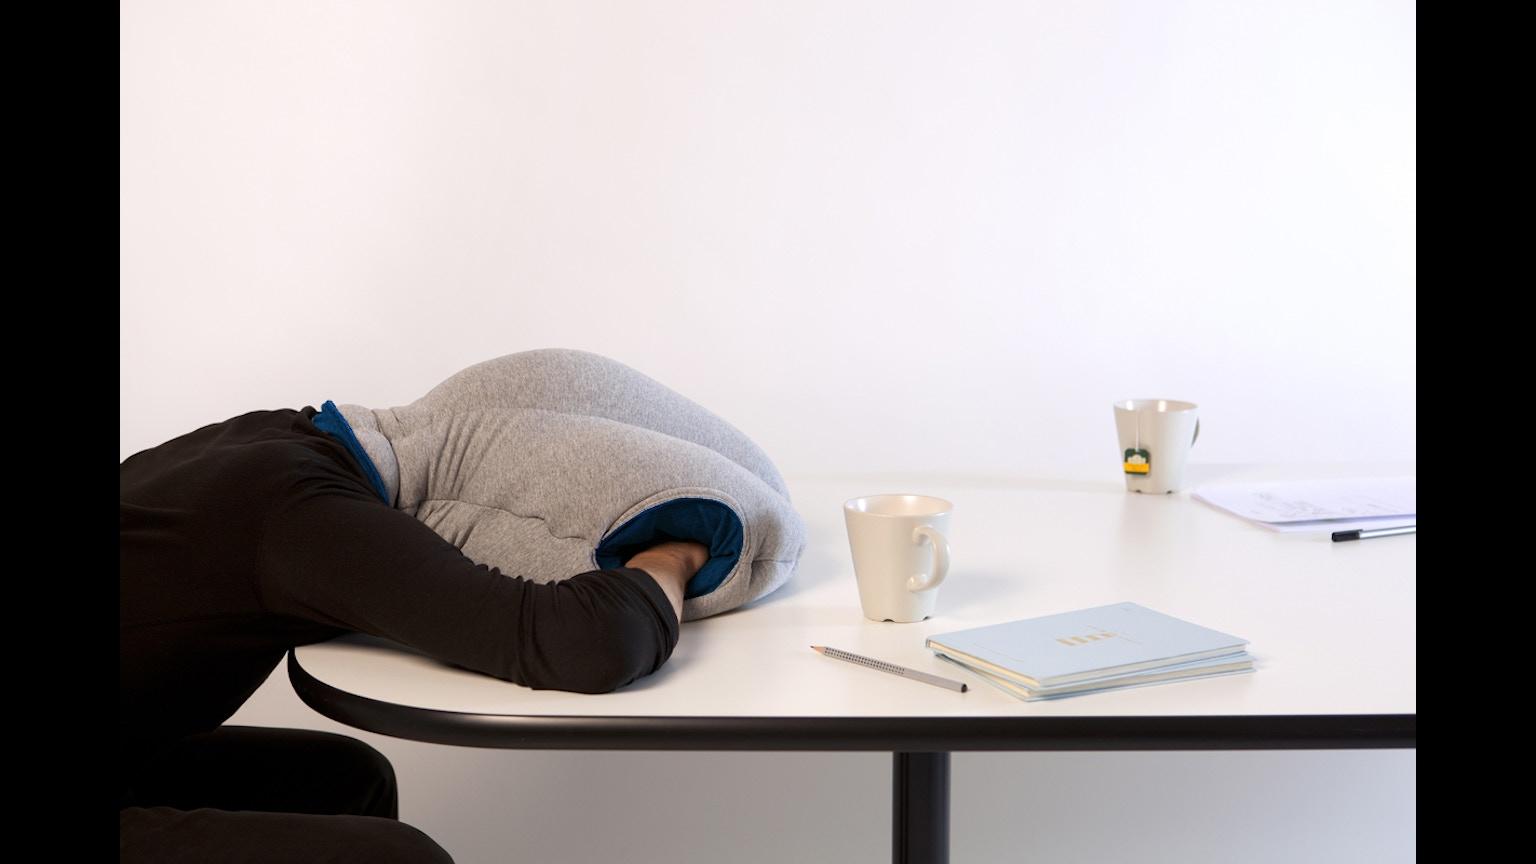 The Original Ostrich Pillow